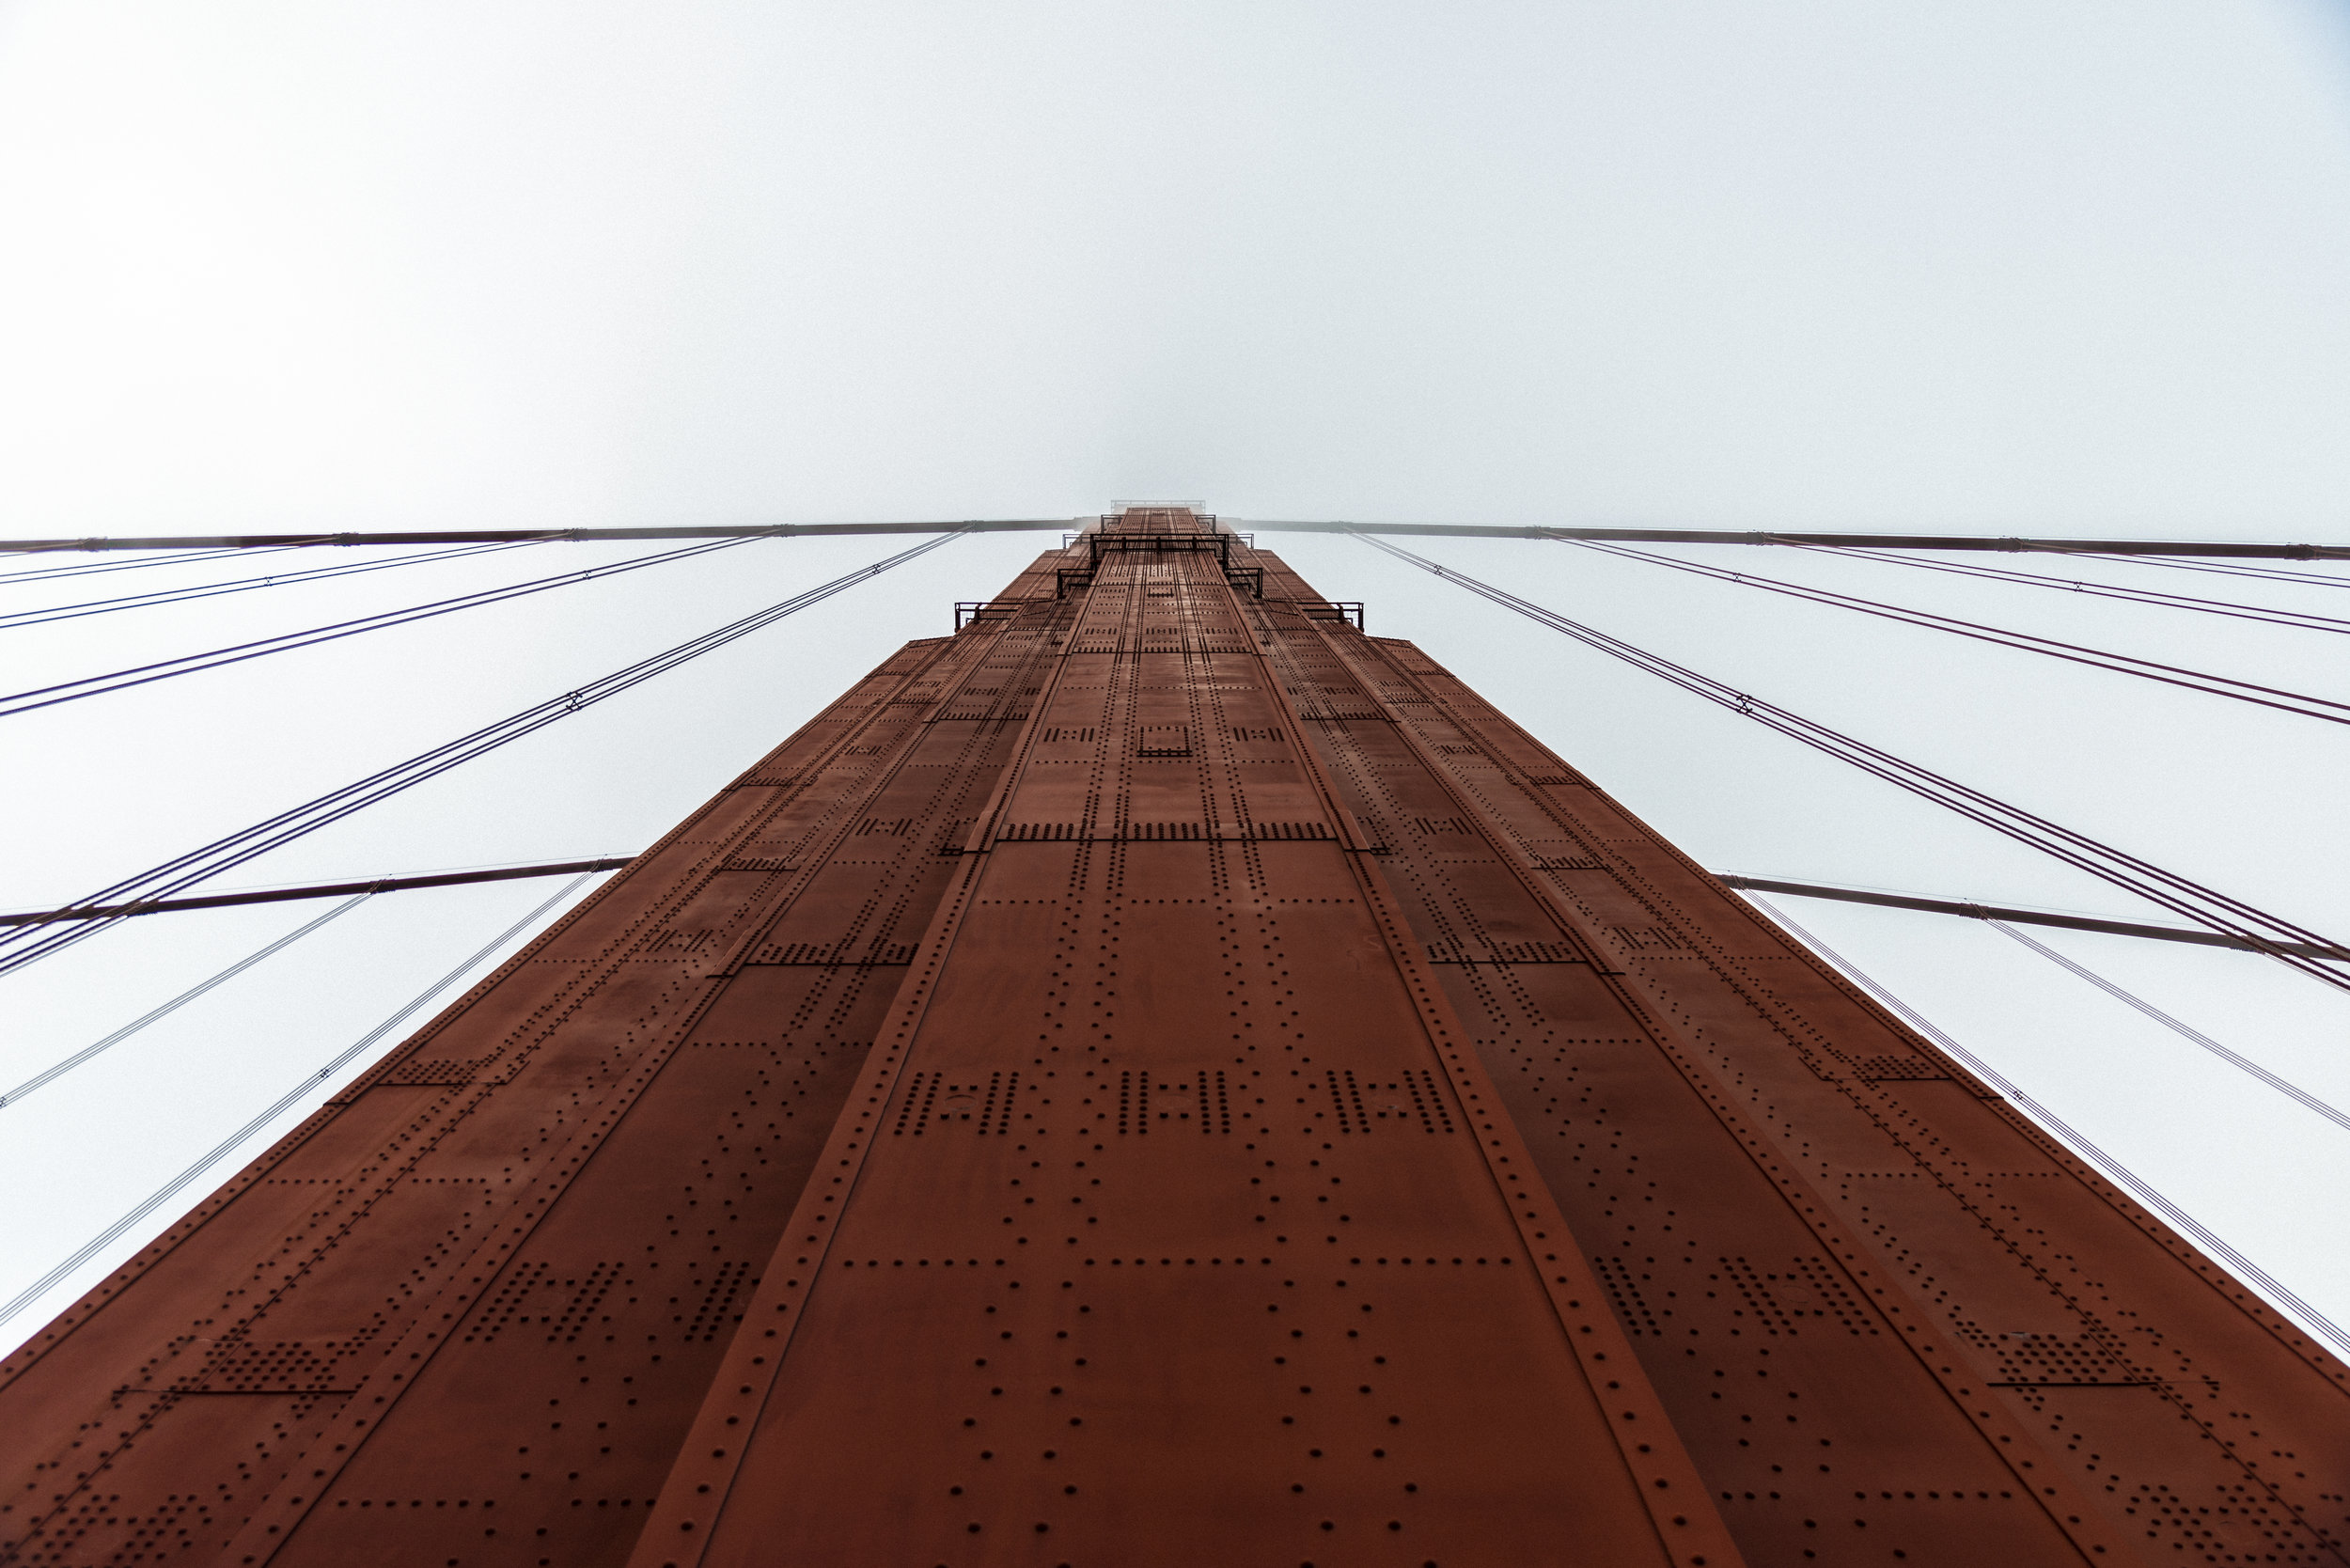 SFO Golden Gate Bridge / Travel